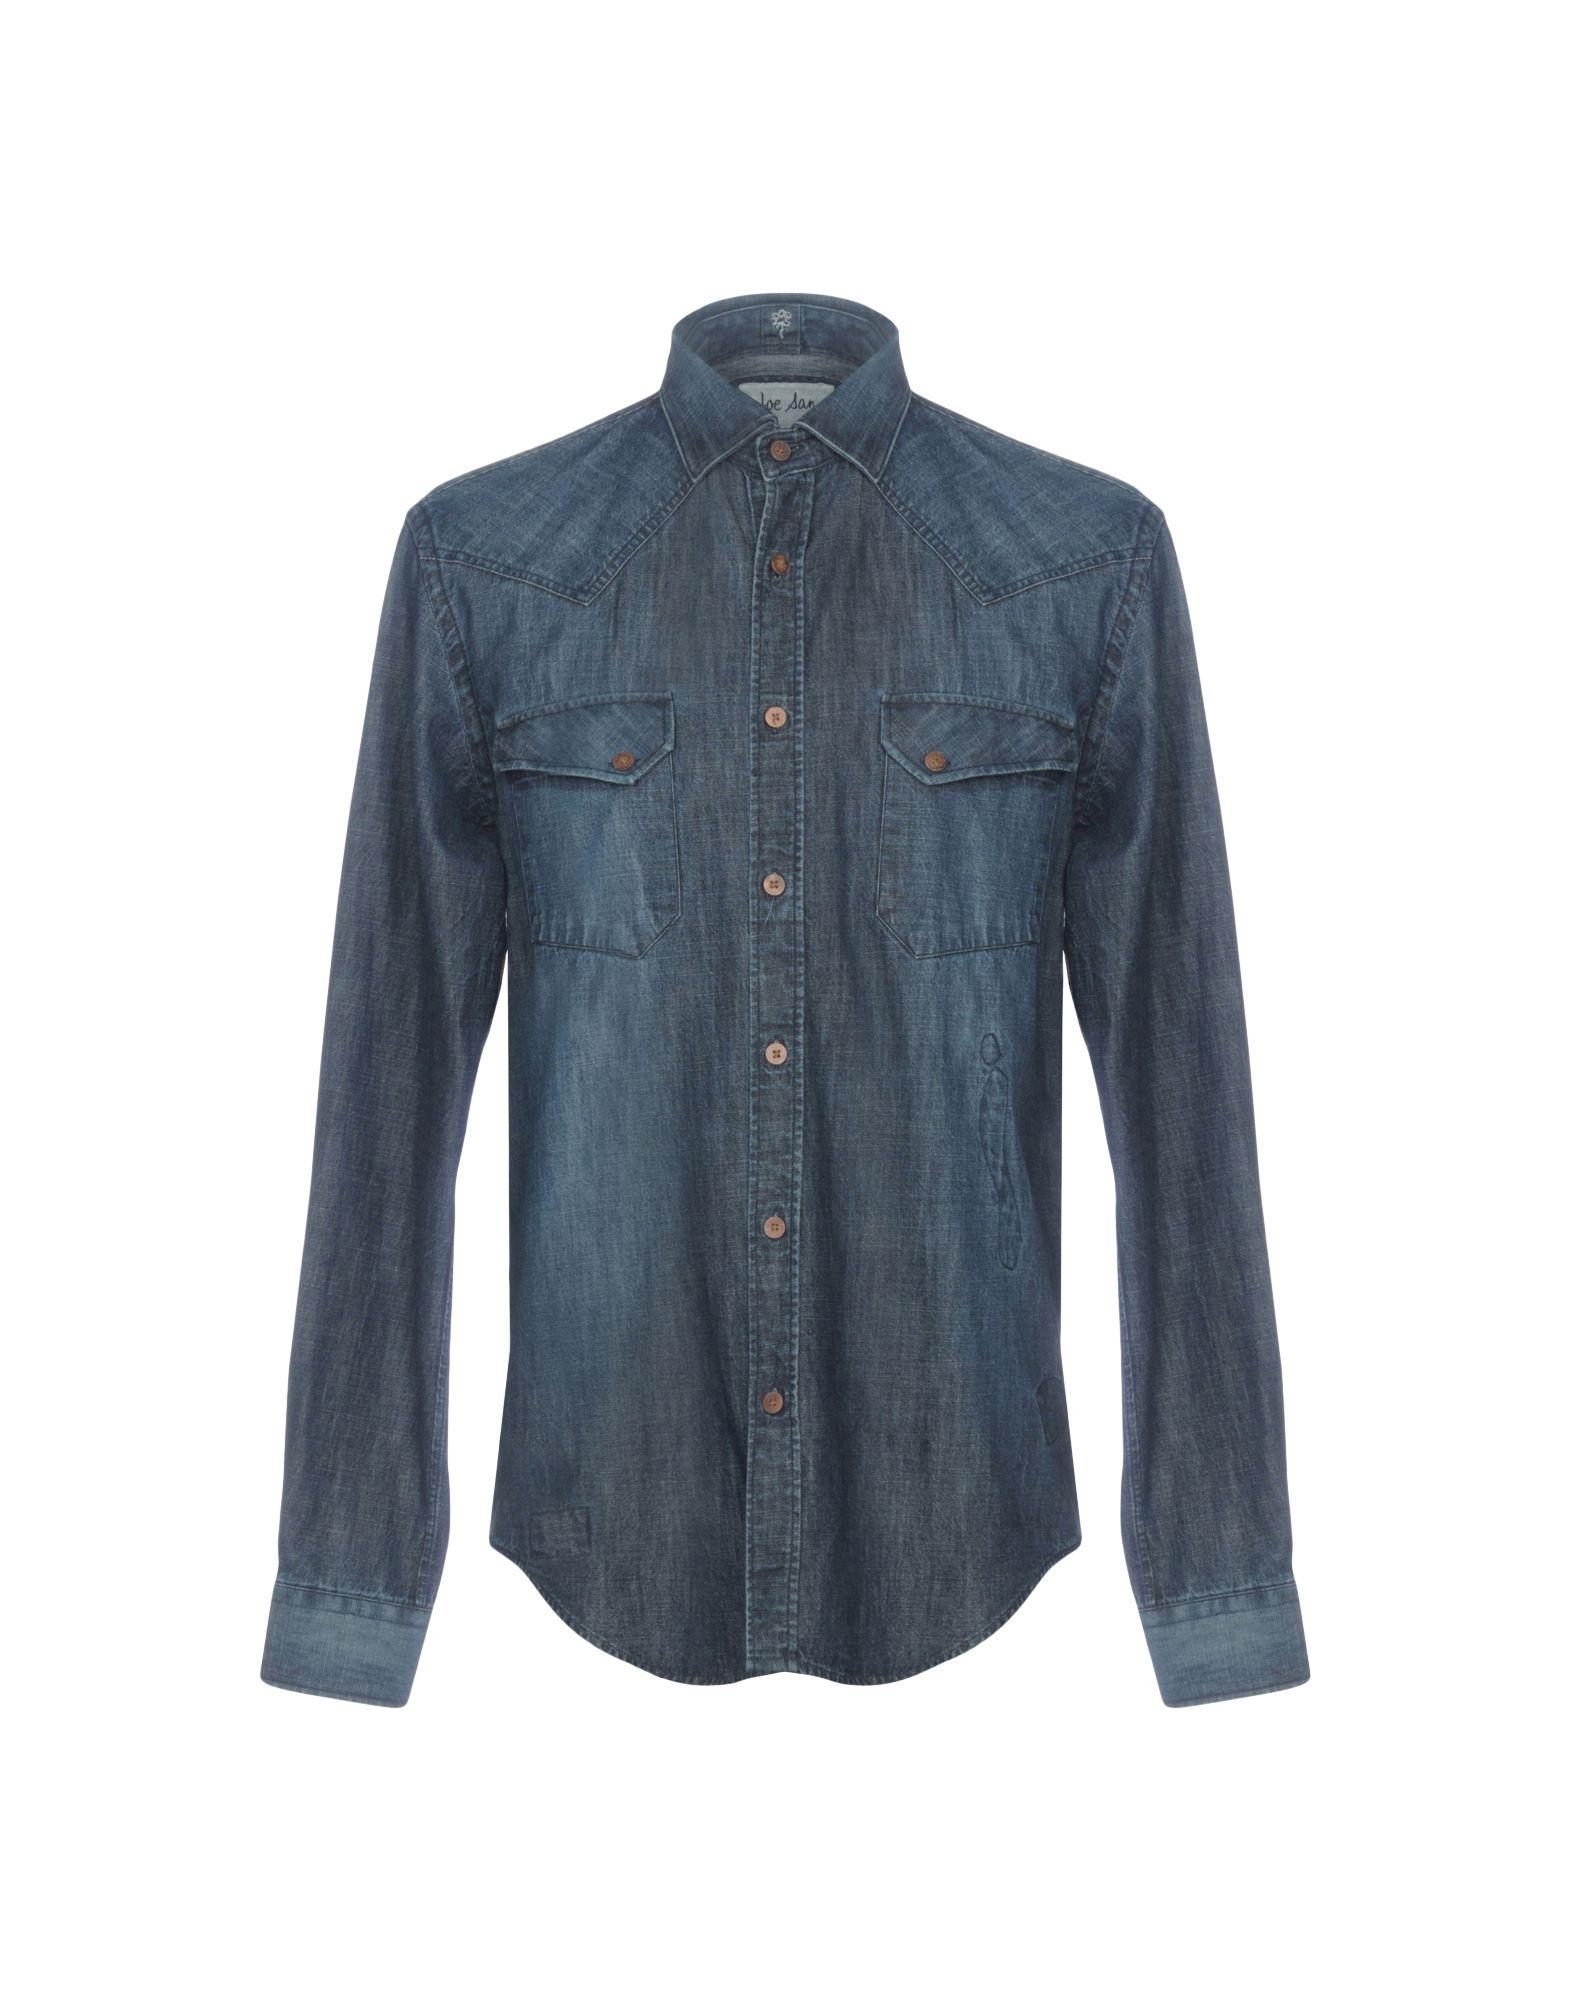 JOE SAN Джинсовая рубашка joe san pубашка